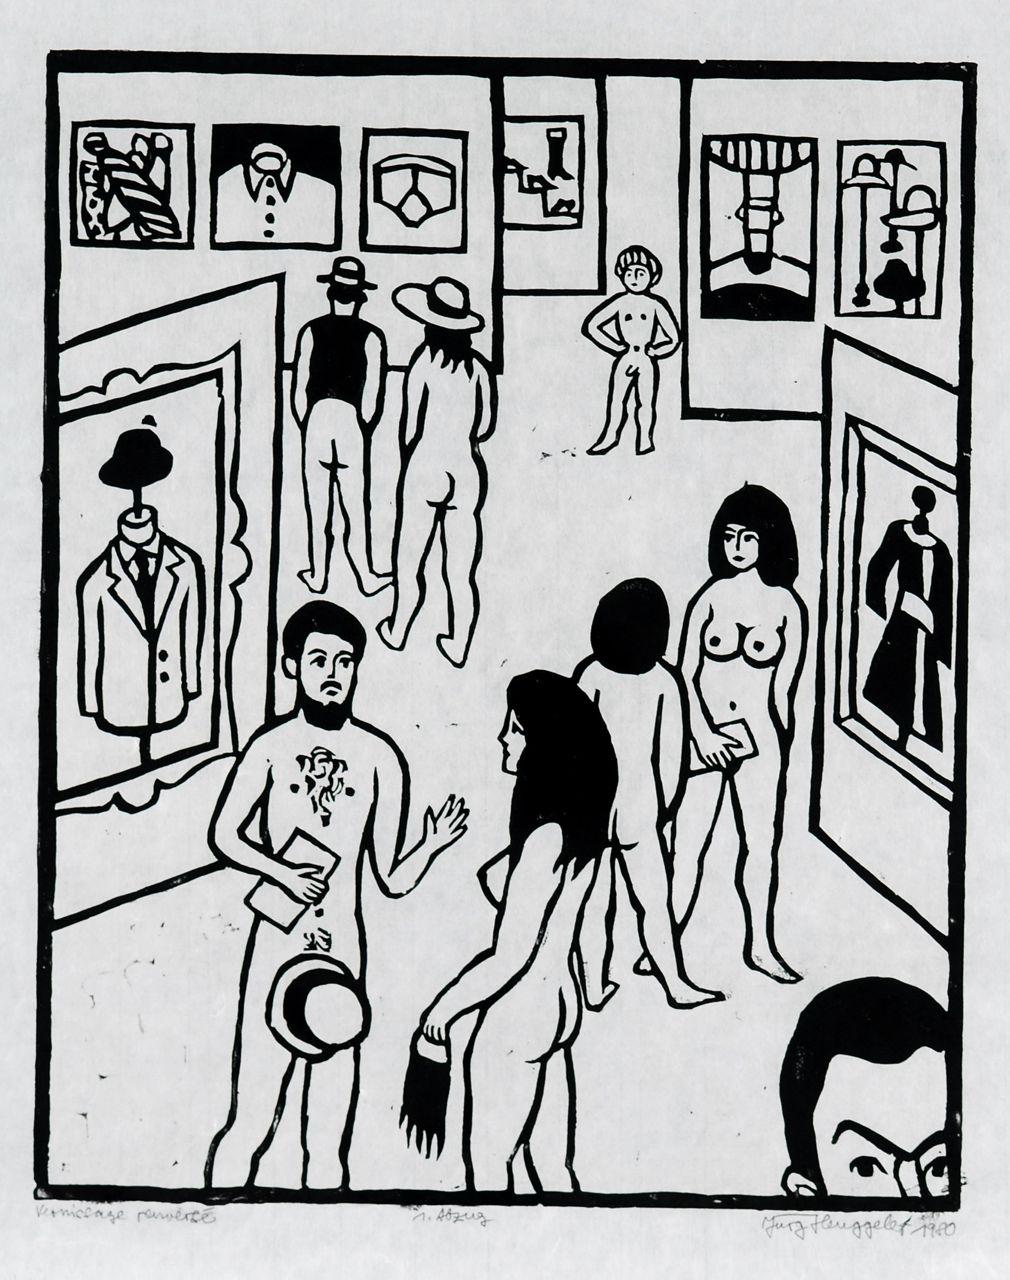 Vernissage renversé, 1983. Holzschnitt. Exemplar: B 1/5, links unten bezeichnet.